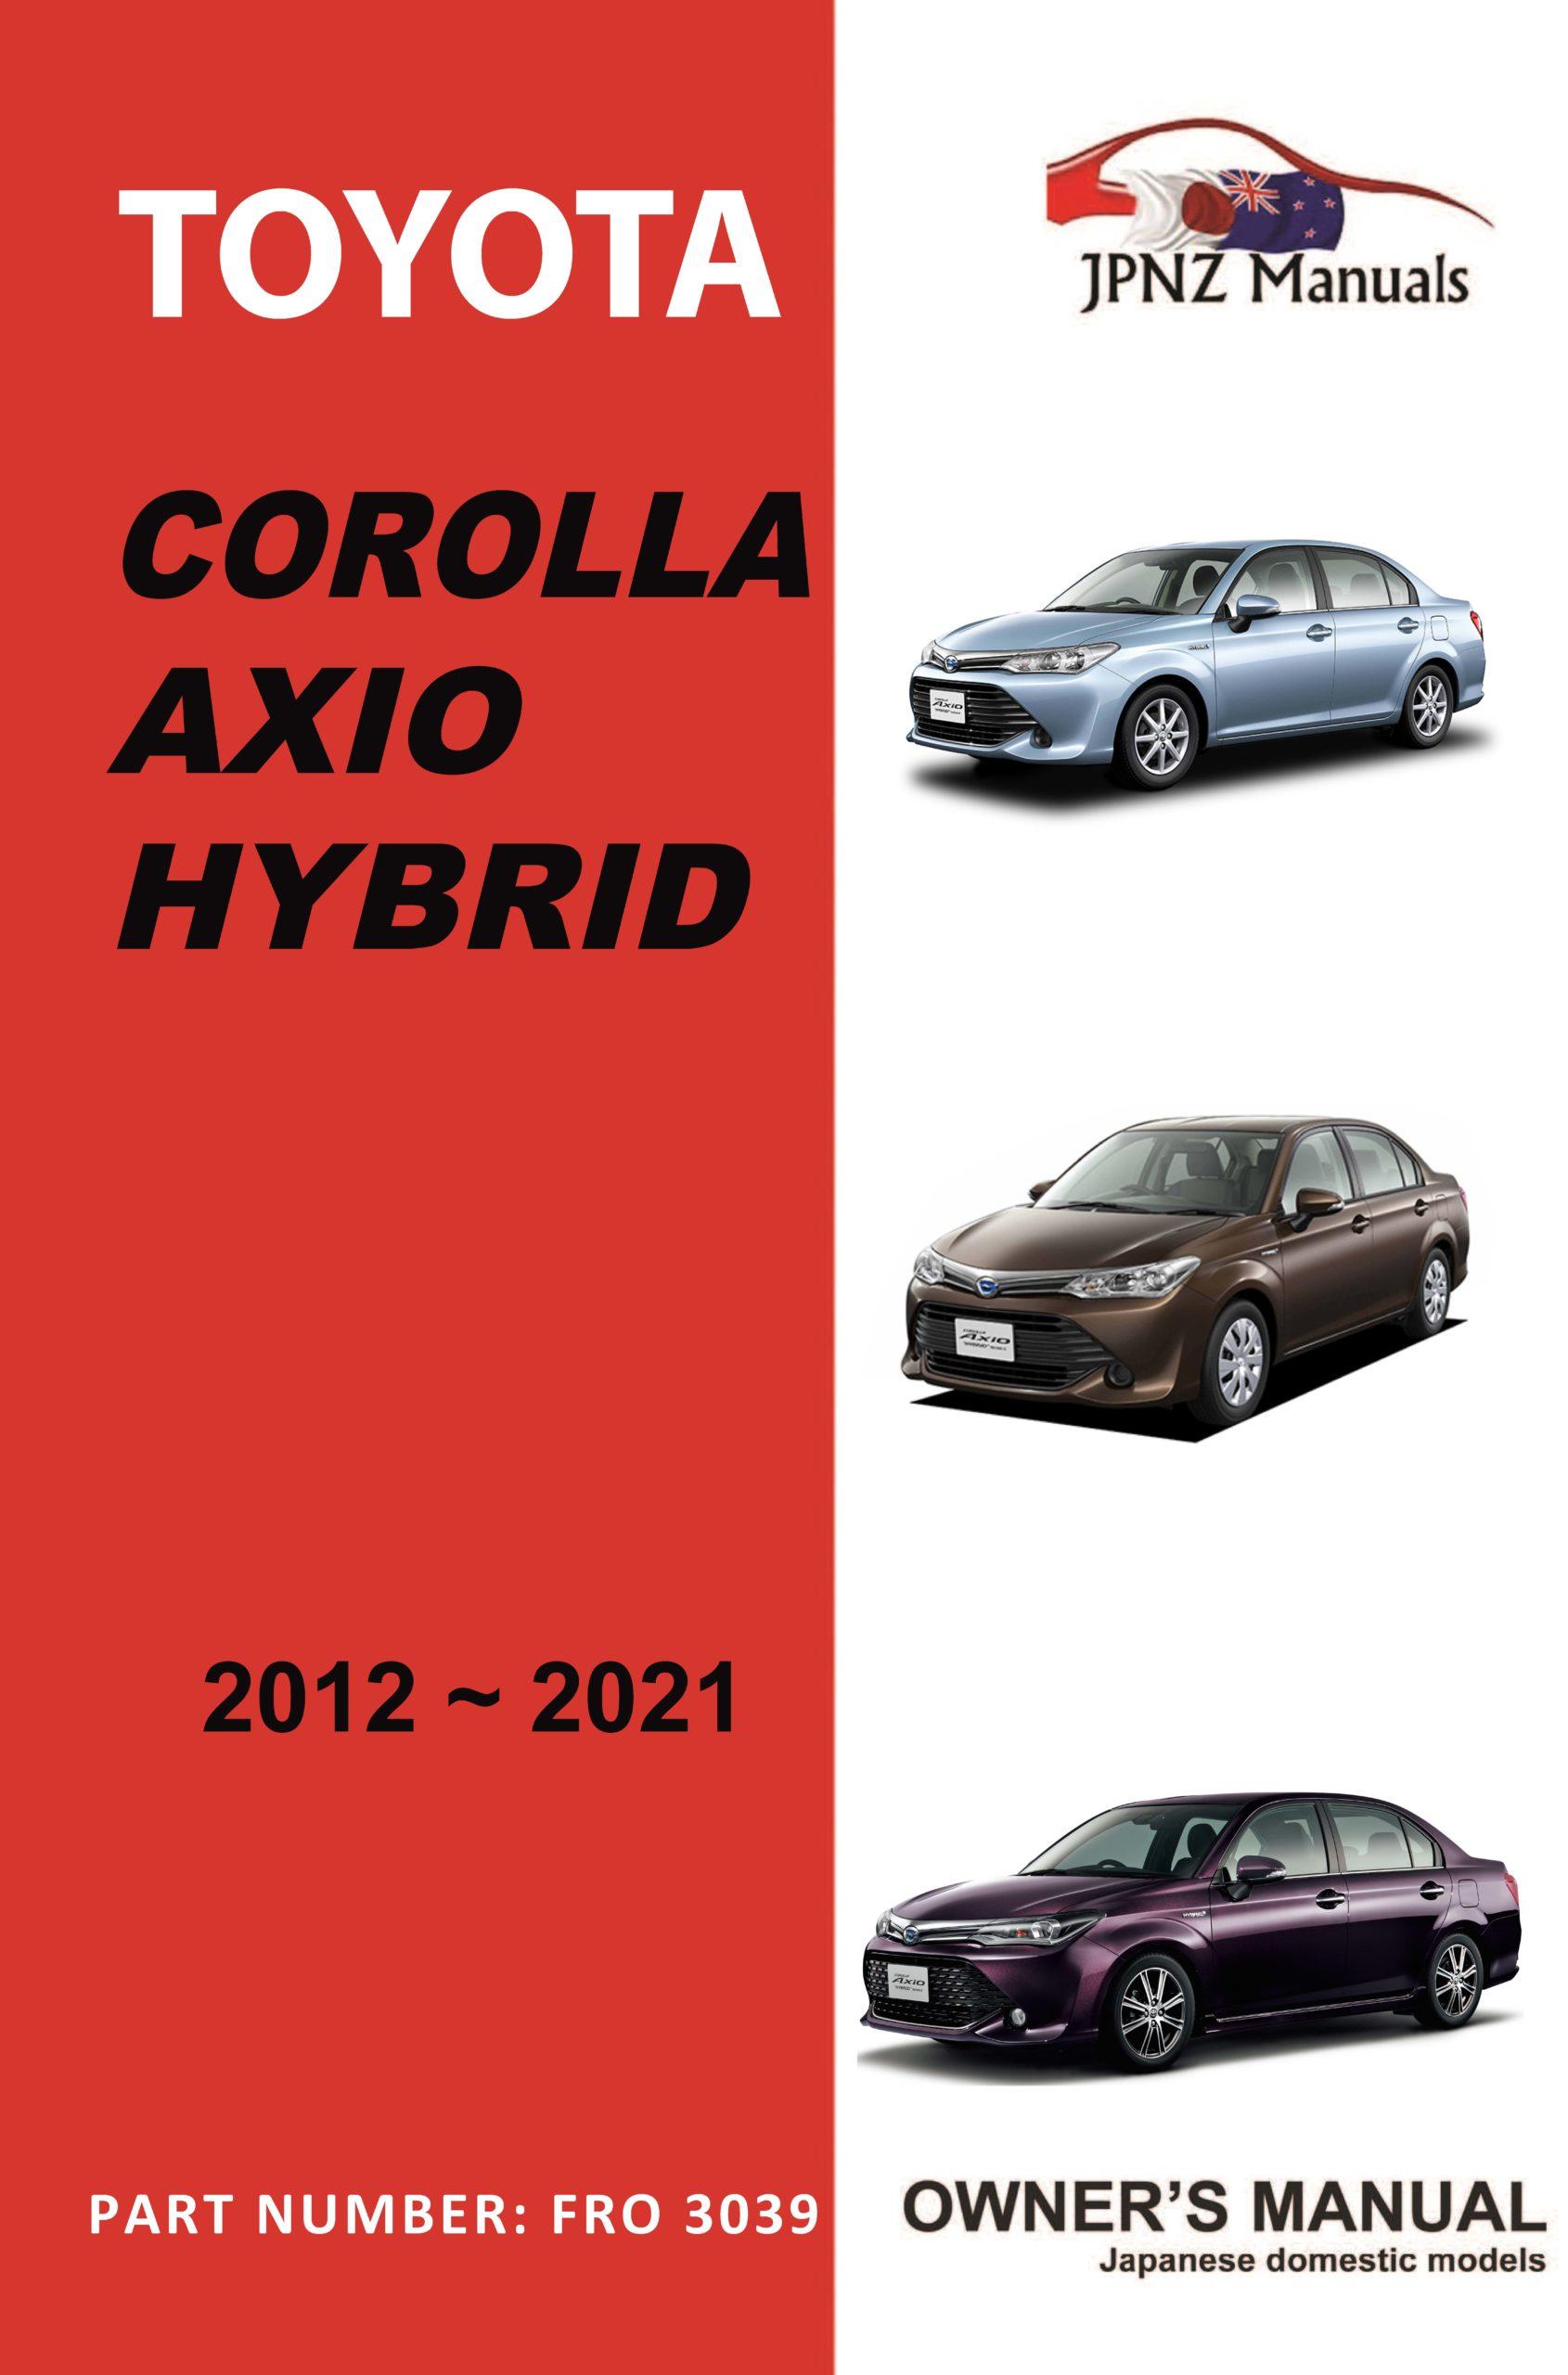 Toyota - Corolla Axio Hybrid car owners user manual in English   2012 - 2021